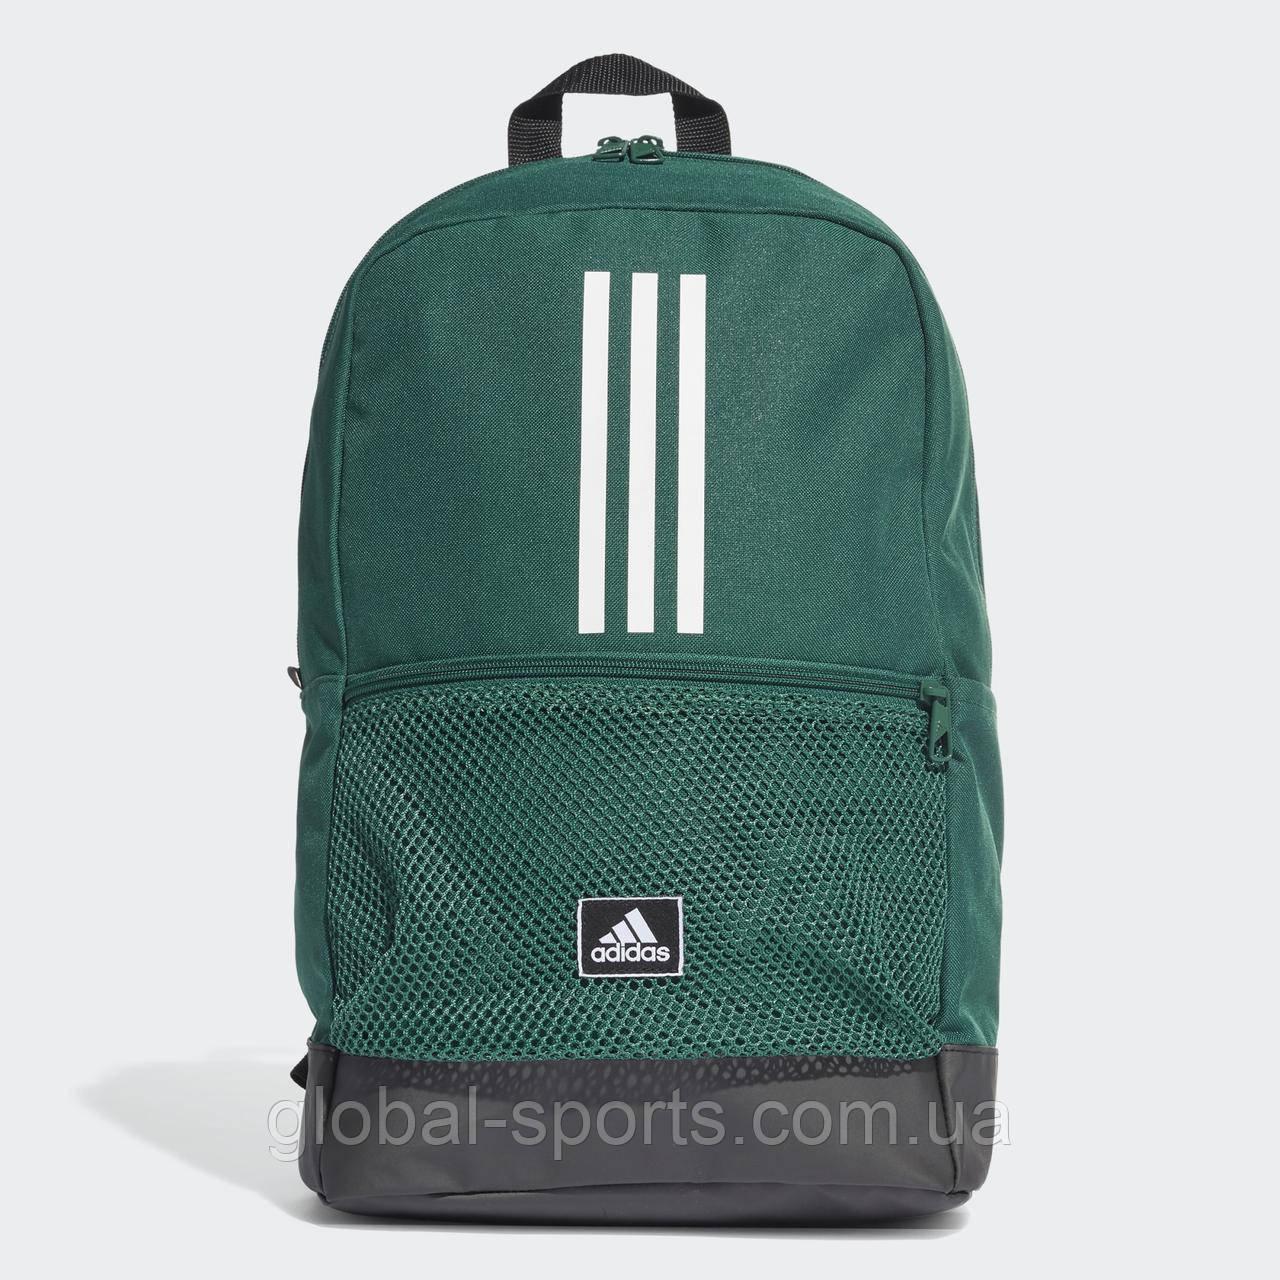 Рюкзак Adidas Classic 3-Stripes(Артикул:FJ9270)